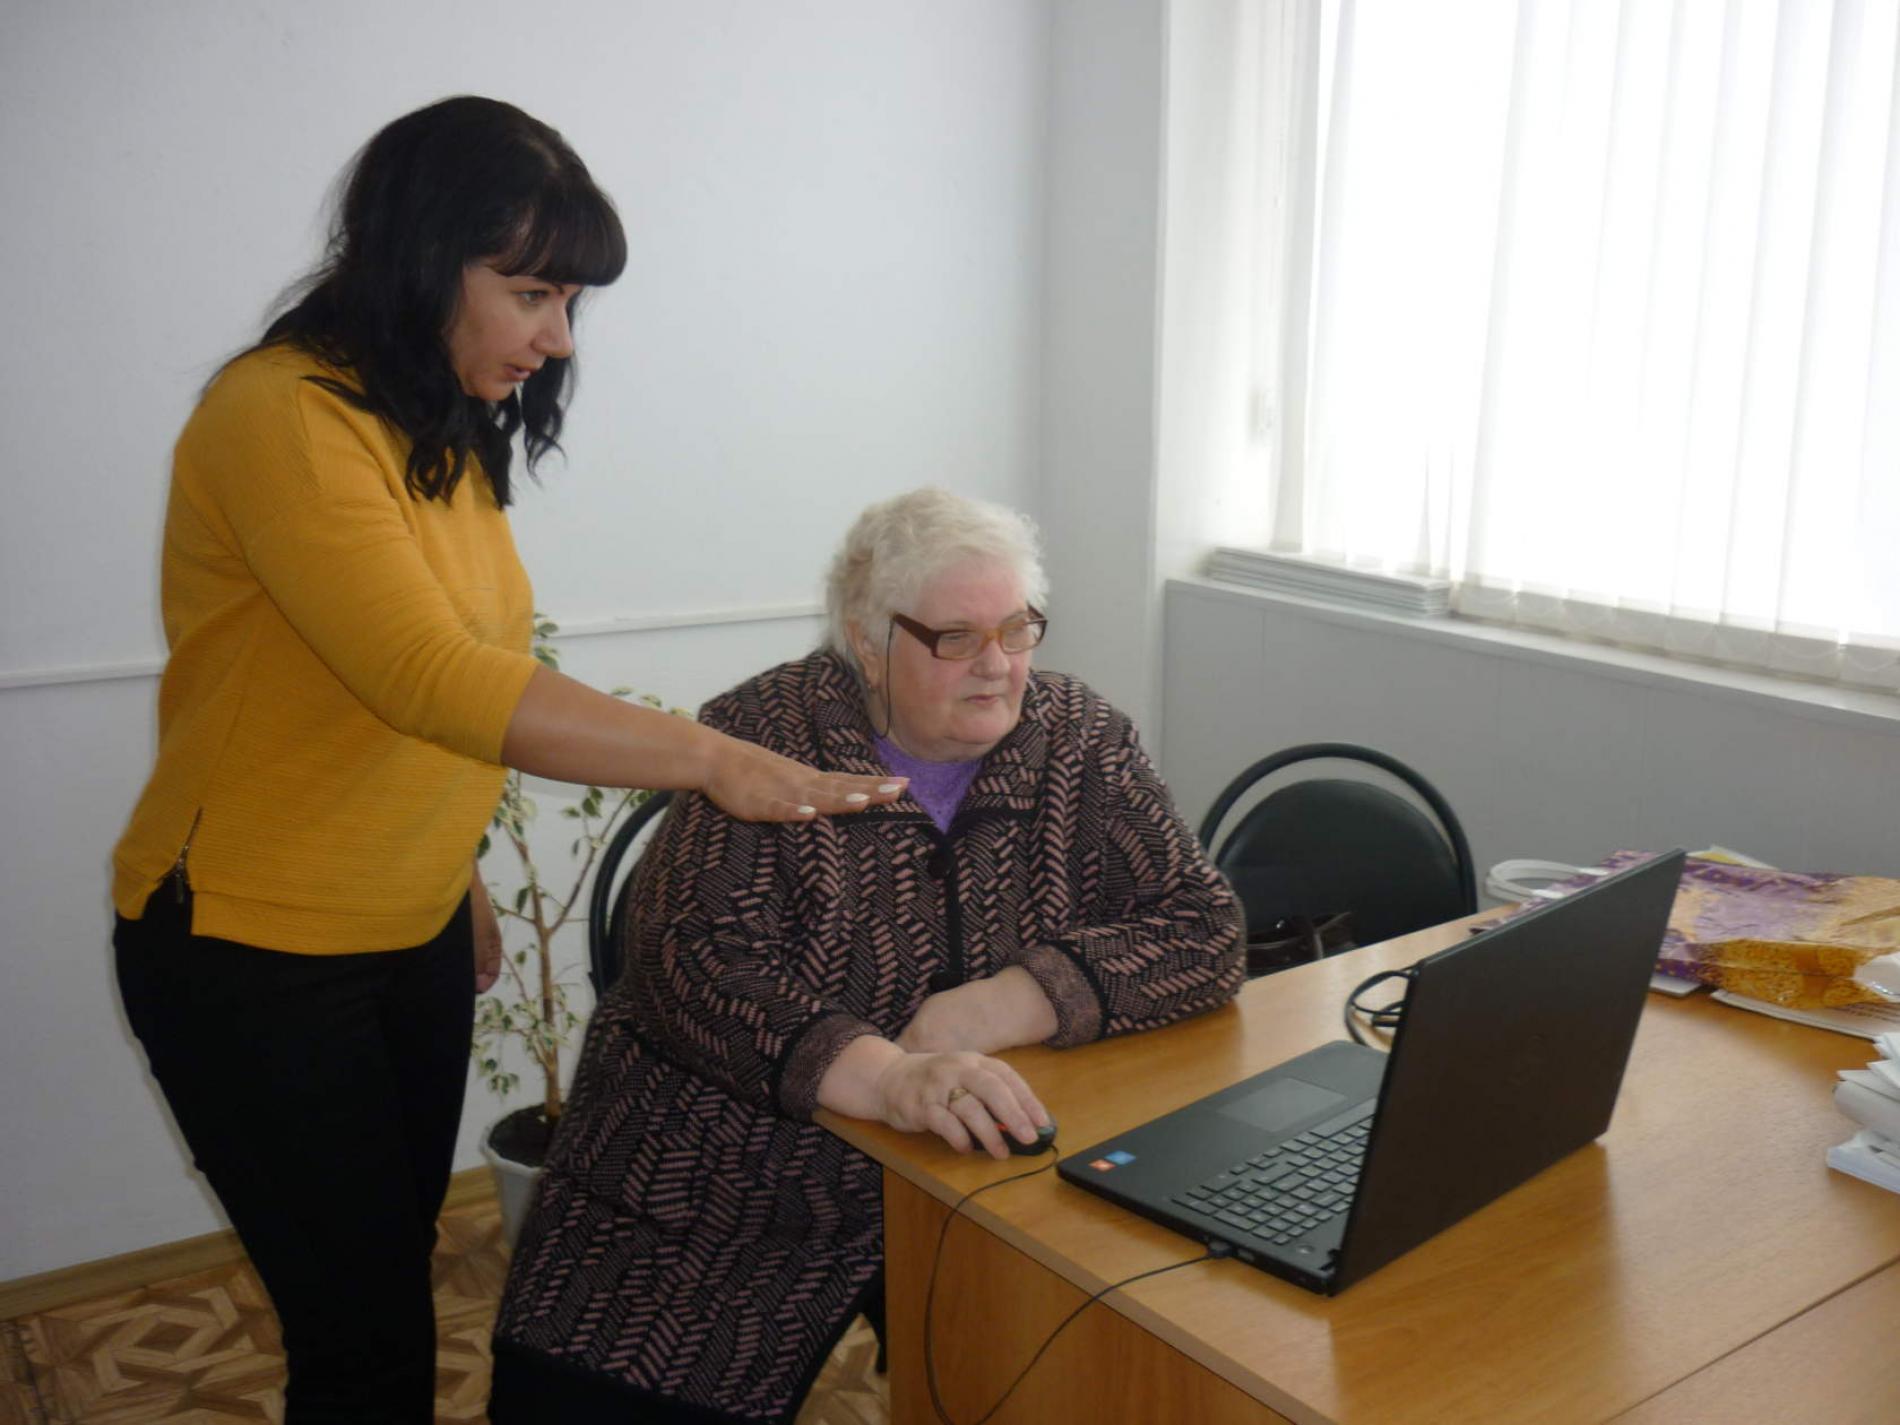 Где людям пожилого возраста можно бесплатно пройти обучение компьютерной грамотности?